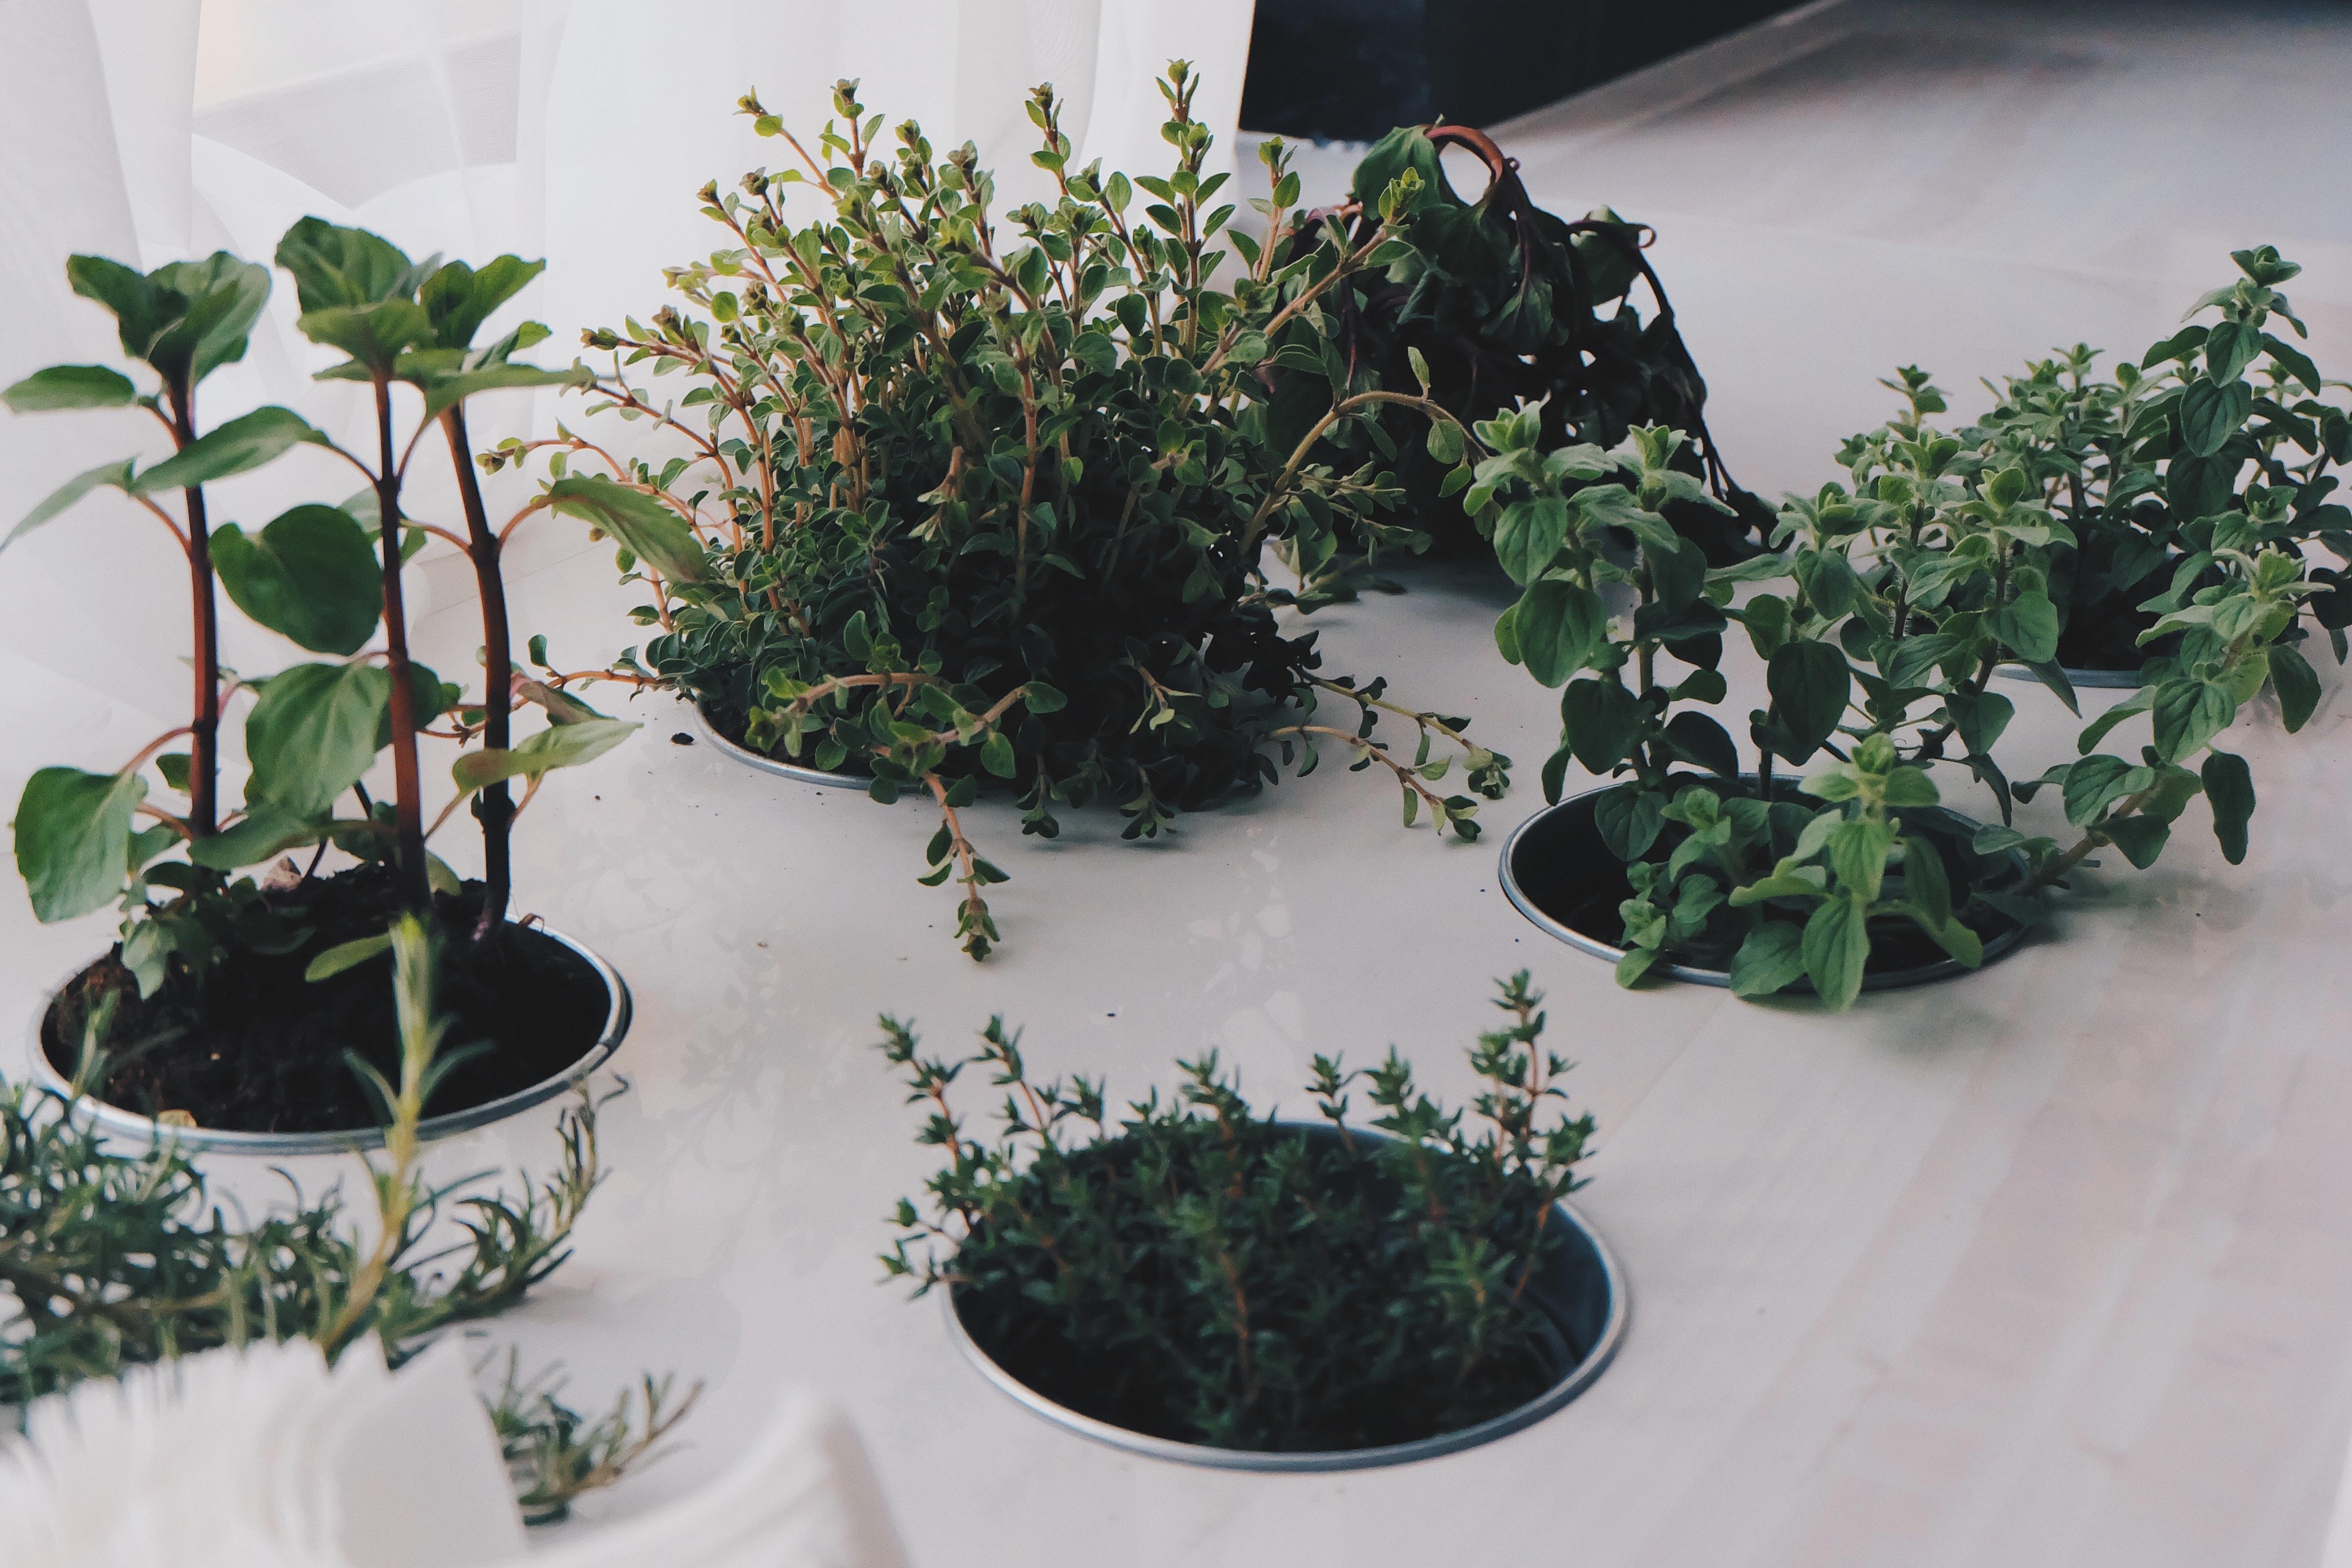 Coltivare In Casa Piante Aromatiche immagini belle : crescita, foglia, fiore, cibo, verde